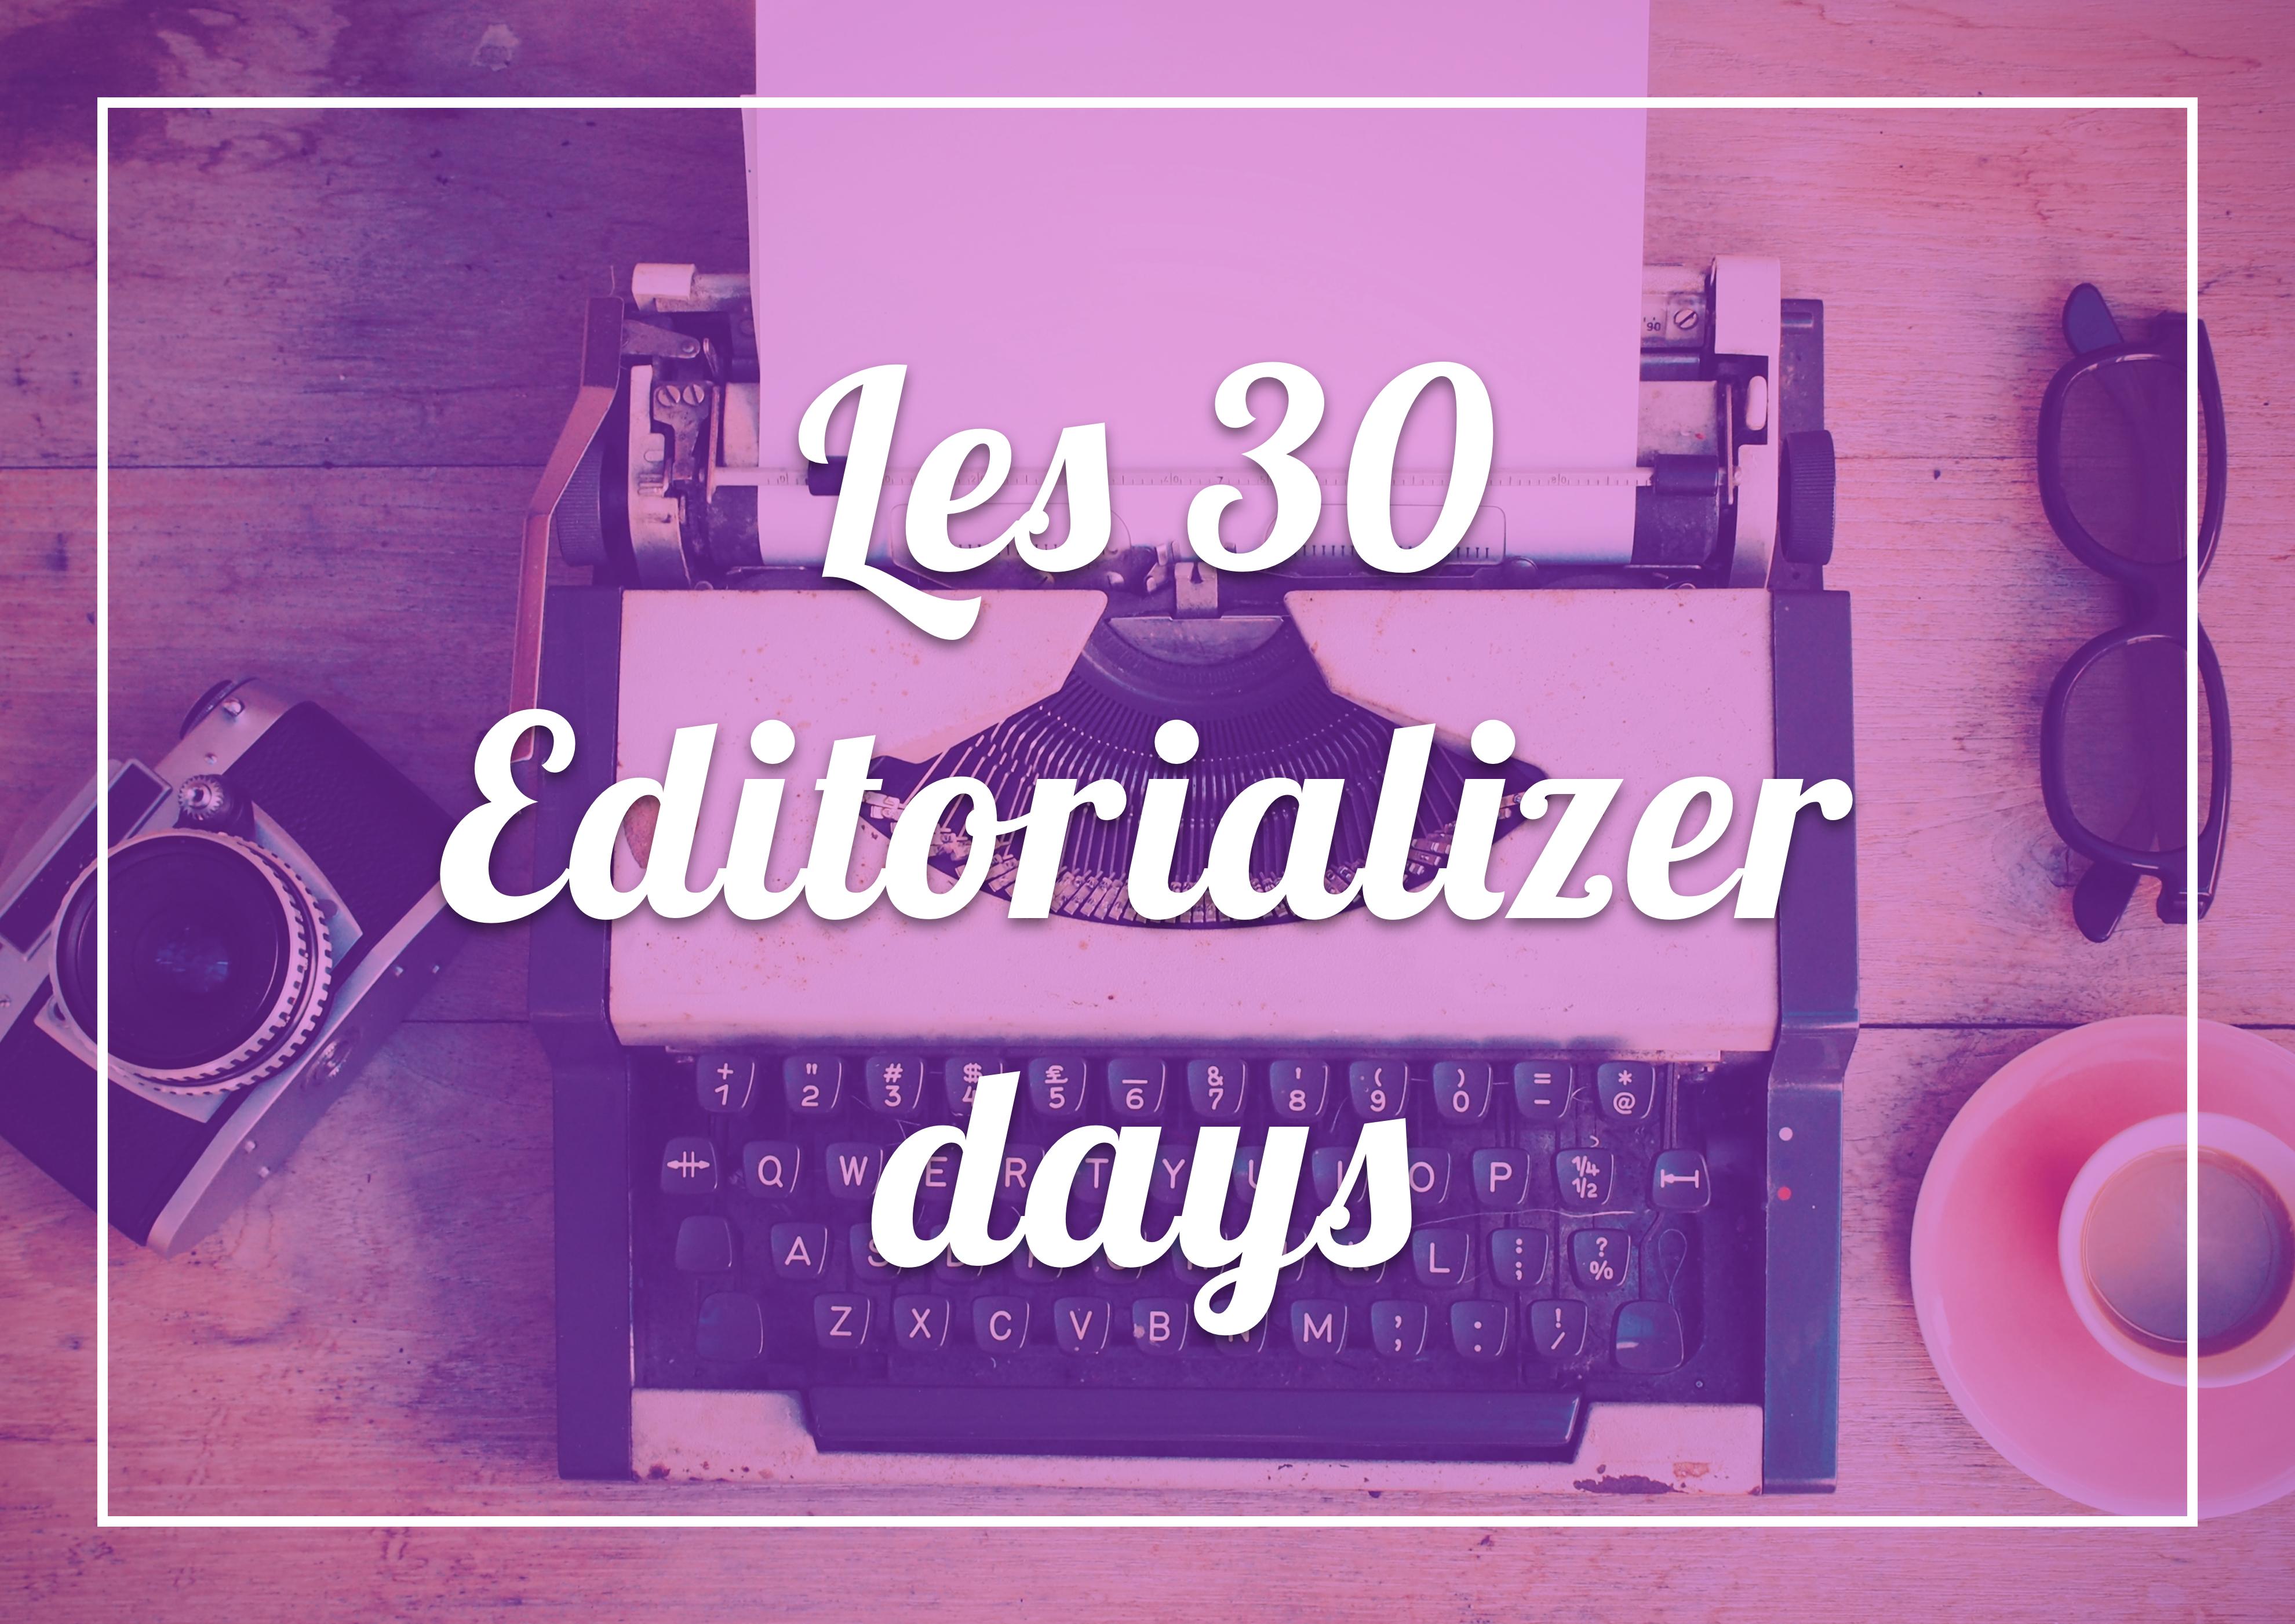 30 Editorializer Days